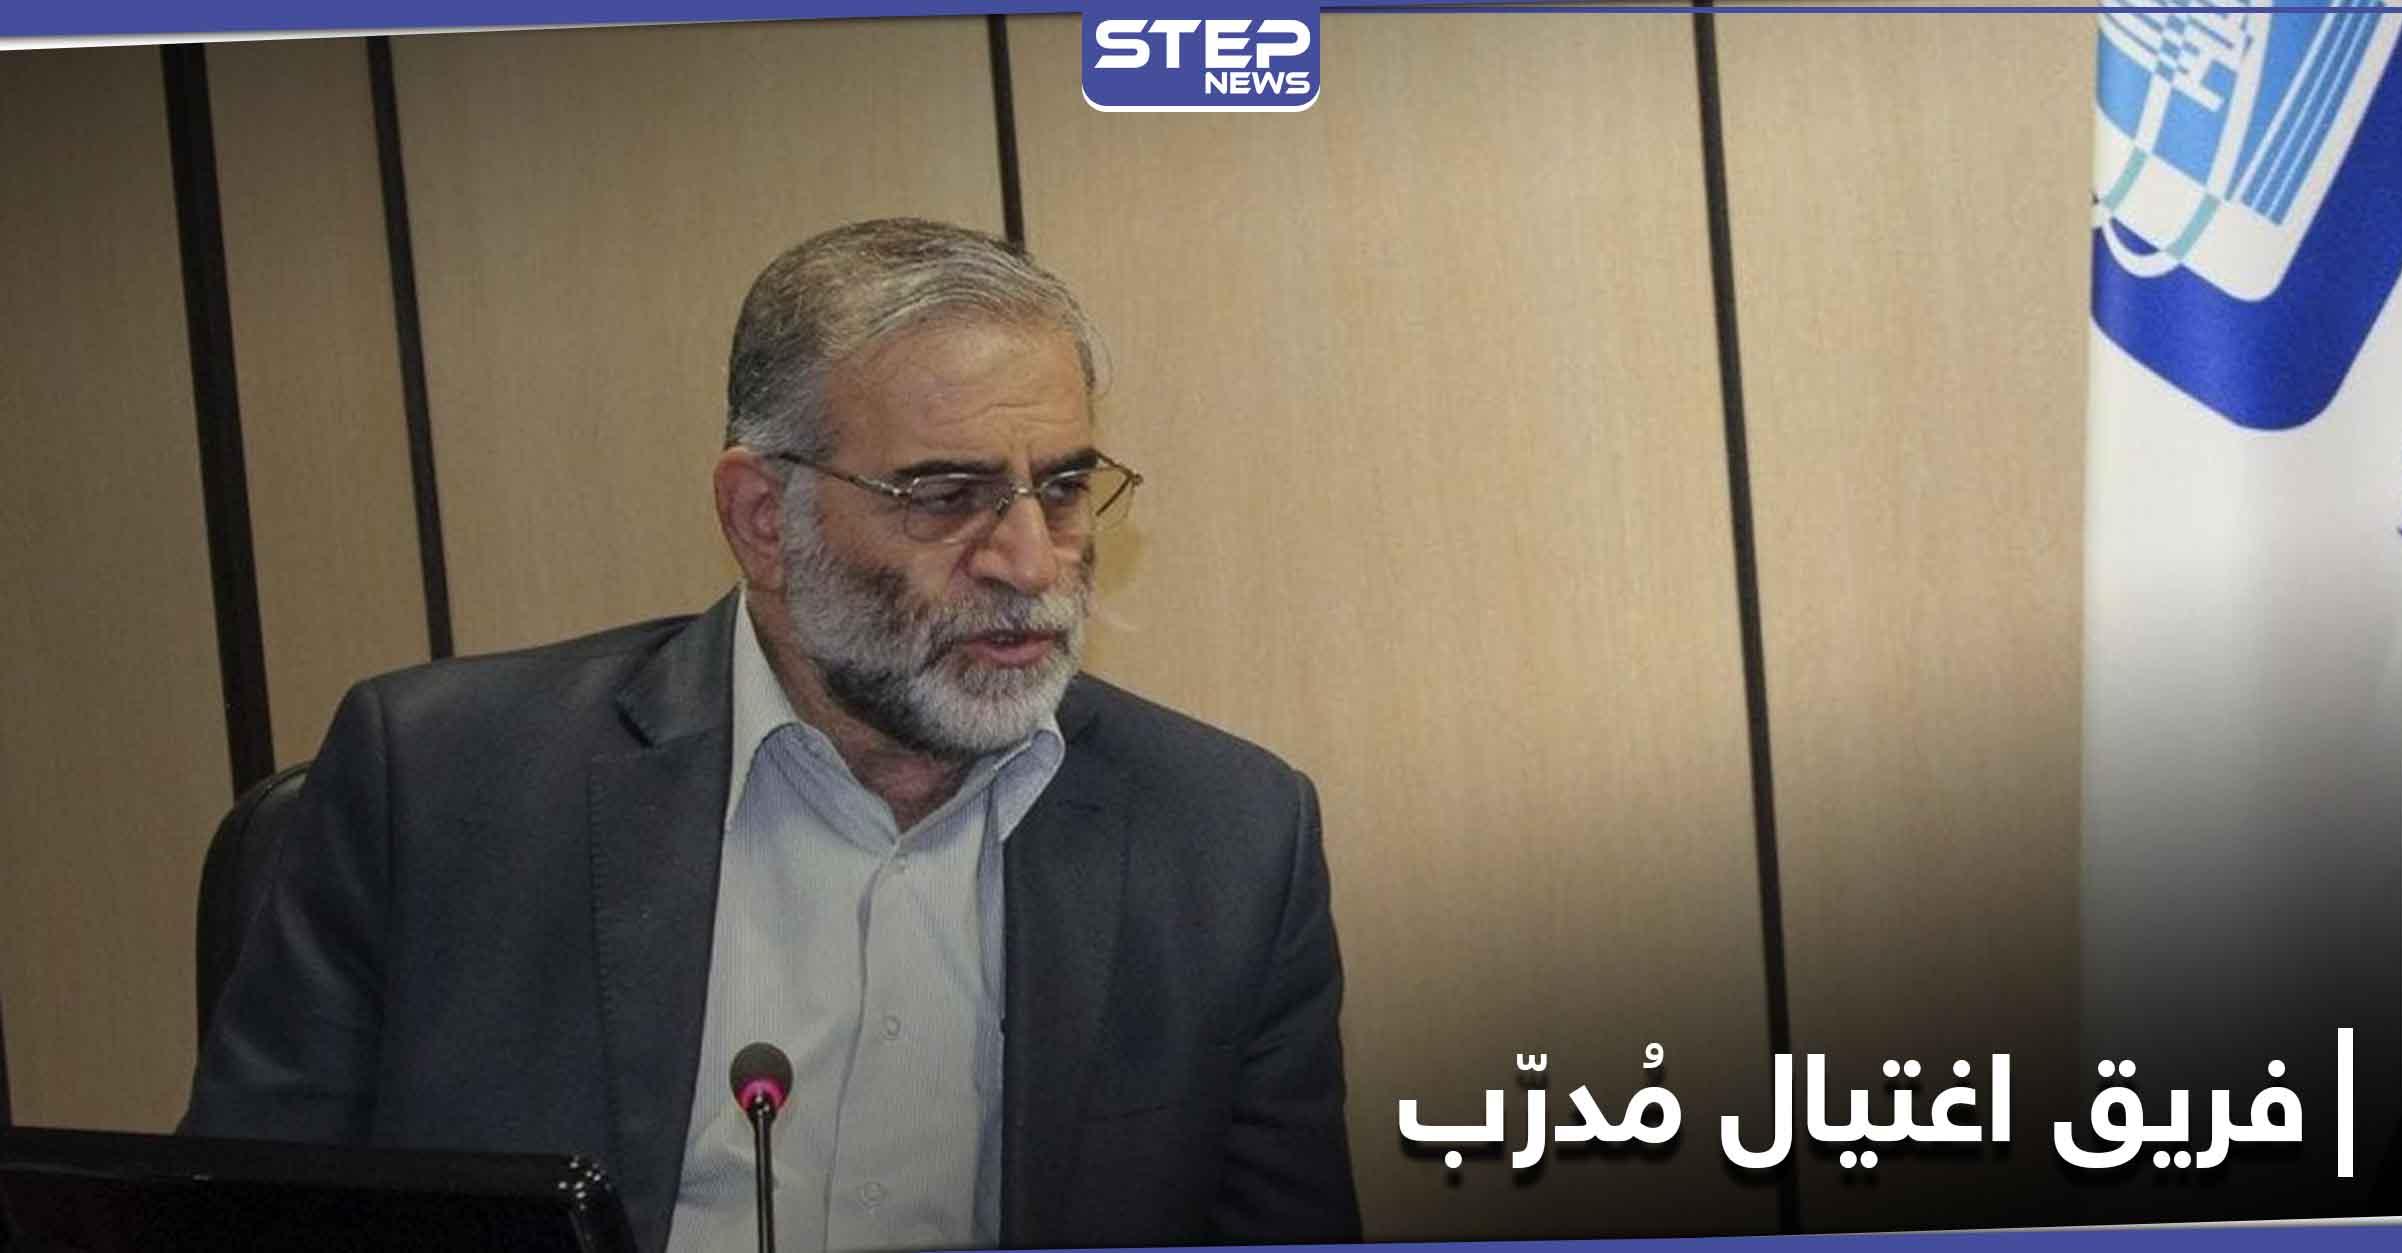 قائد فريق الاغتيال قتله بيده.. معلومات مسربة عن فريق اغتيال العالم النووي الإيراني